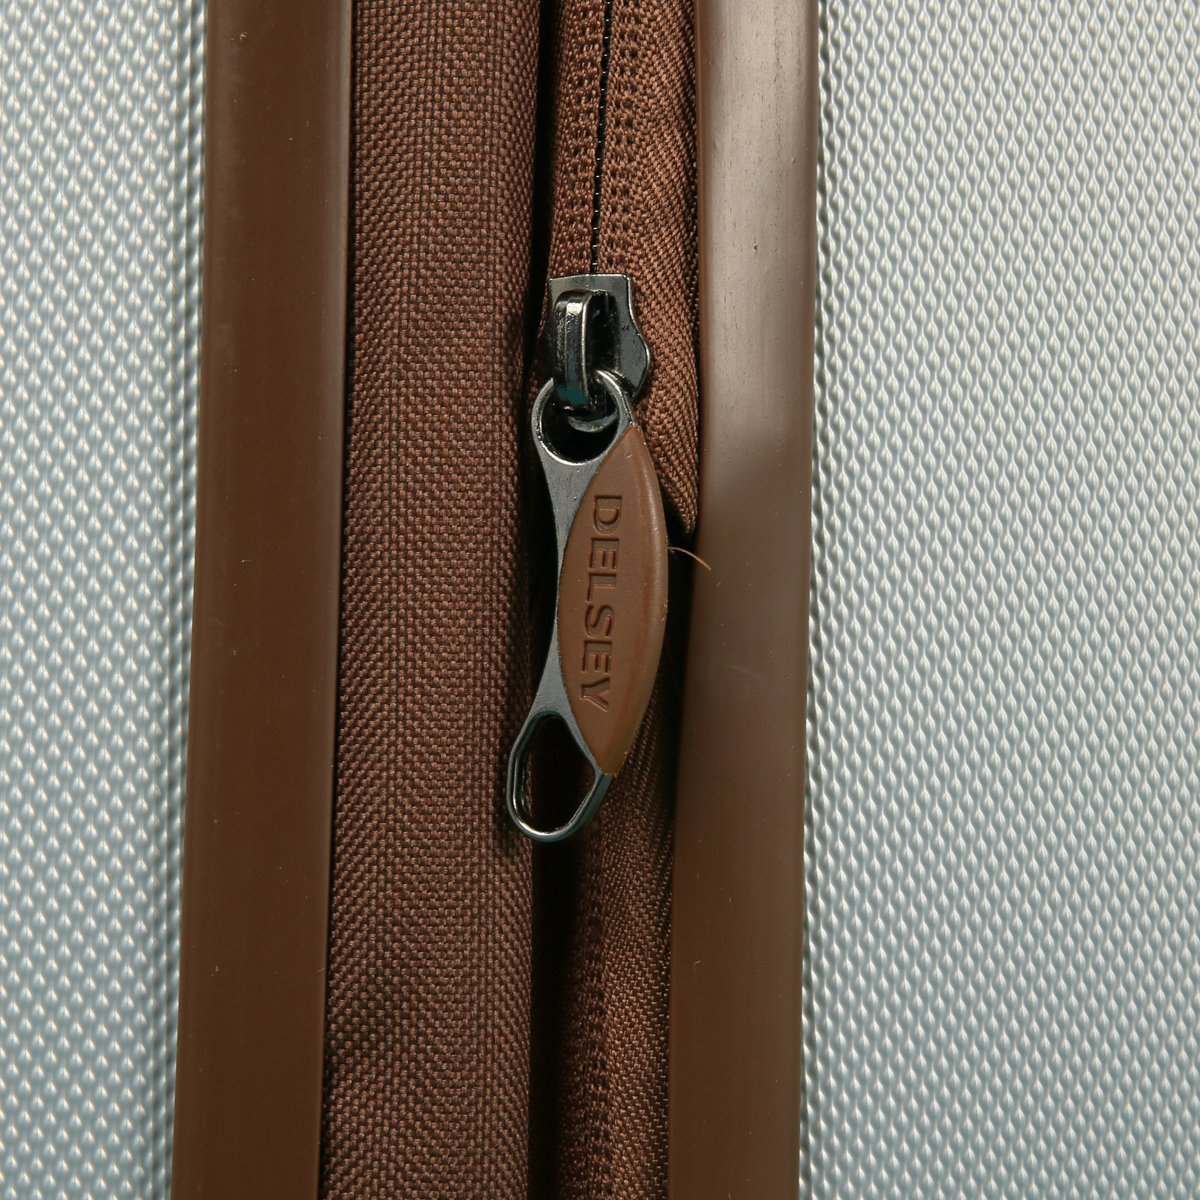 ead4ae2013 Amazon.co.jp: デルセー スーツケース DELSEY PROMENADE プロムナード デルセー スーツケース キャリーケース Mサイズ  70cm ビジネス 出張 (シルバー01): ホーム& ...